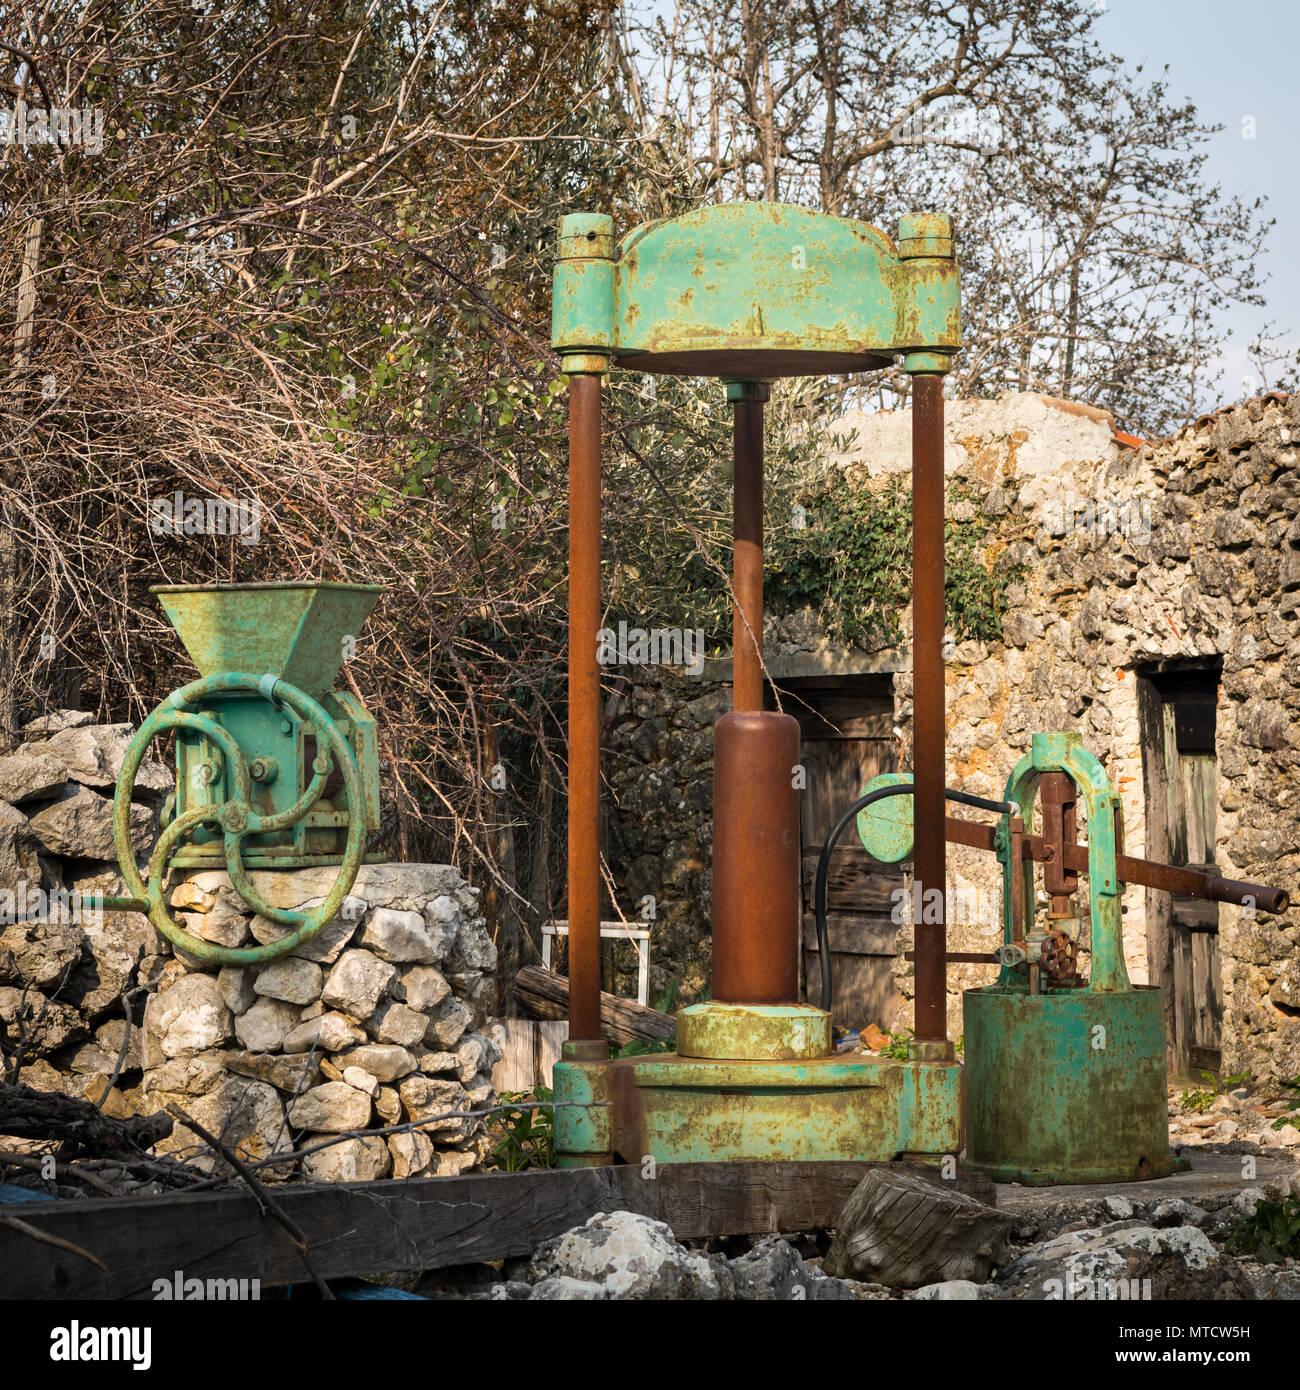 Vintage Garden Machinery Stock Photos & Vintage Garden Machinery ...